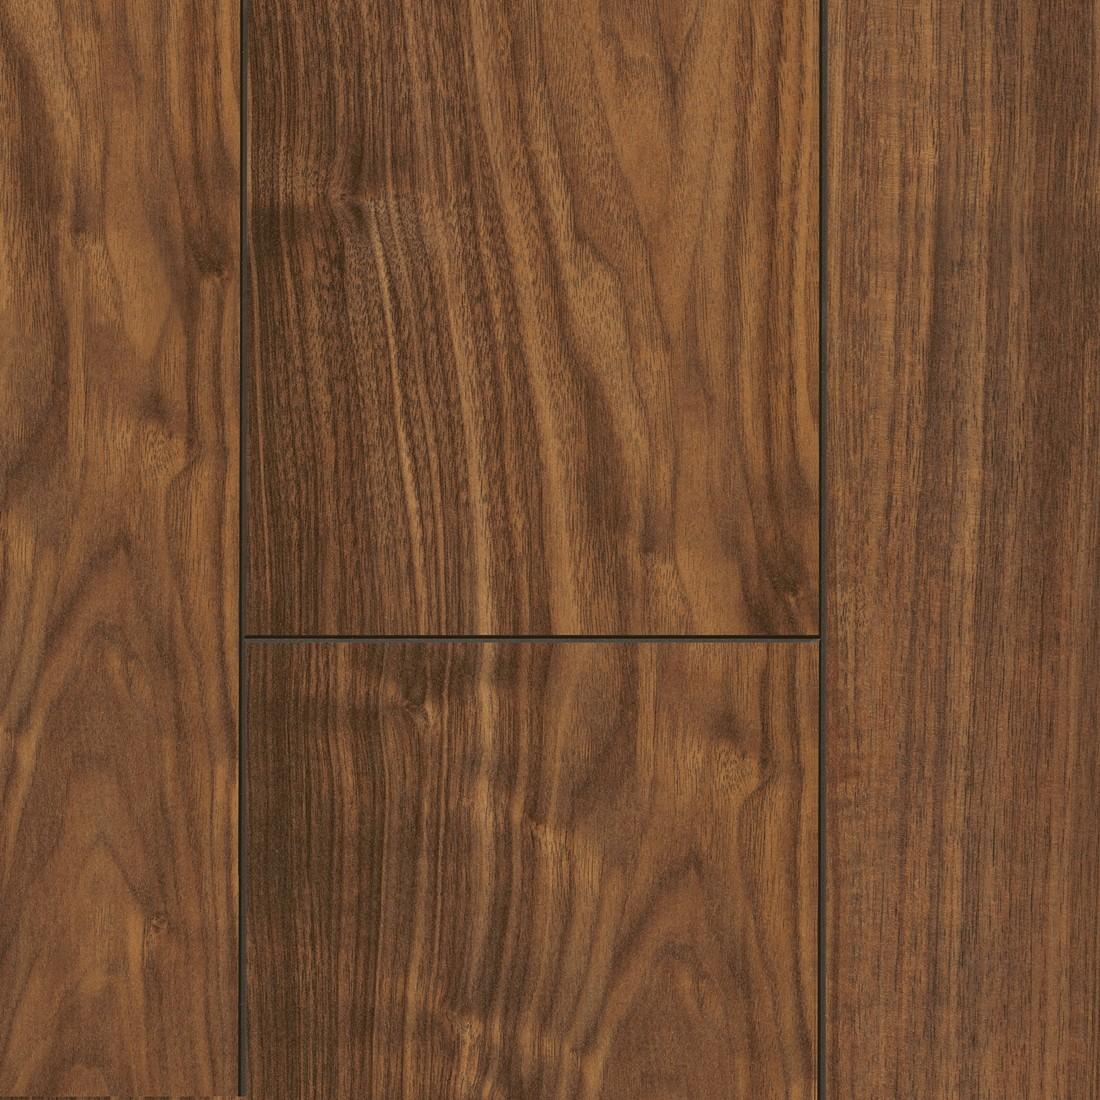 PARADOR Laminat Trendtime 1 Walnuss Holzstruktur 4-V-Fuge Stabdiele Artikel-Nr.: 1473907 – Bild 2